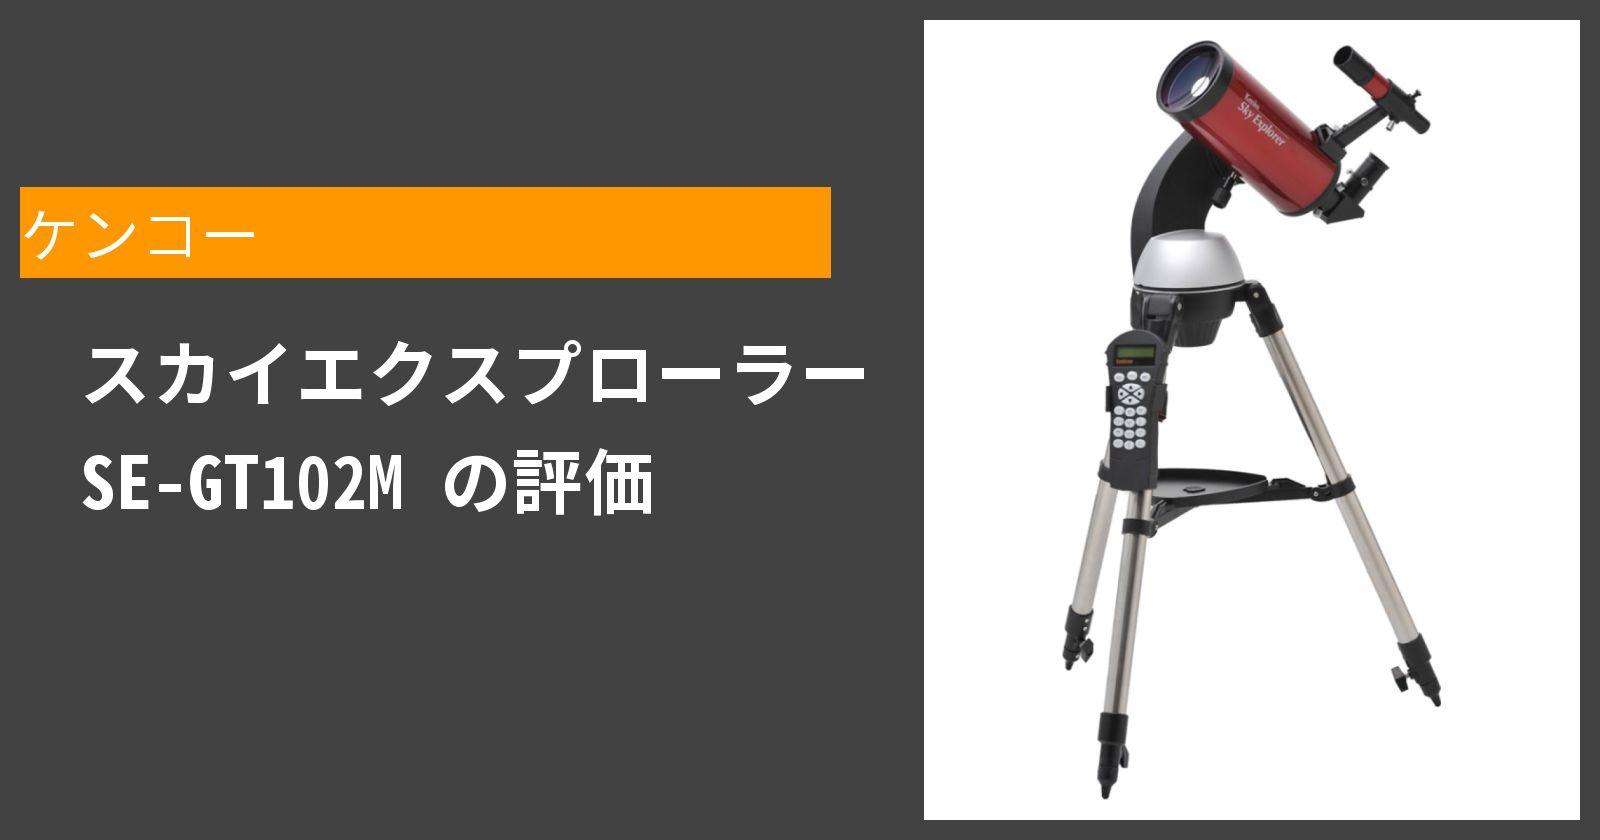 スカイエクスプローラー SE-GT102Mを徹底評価